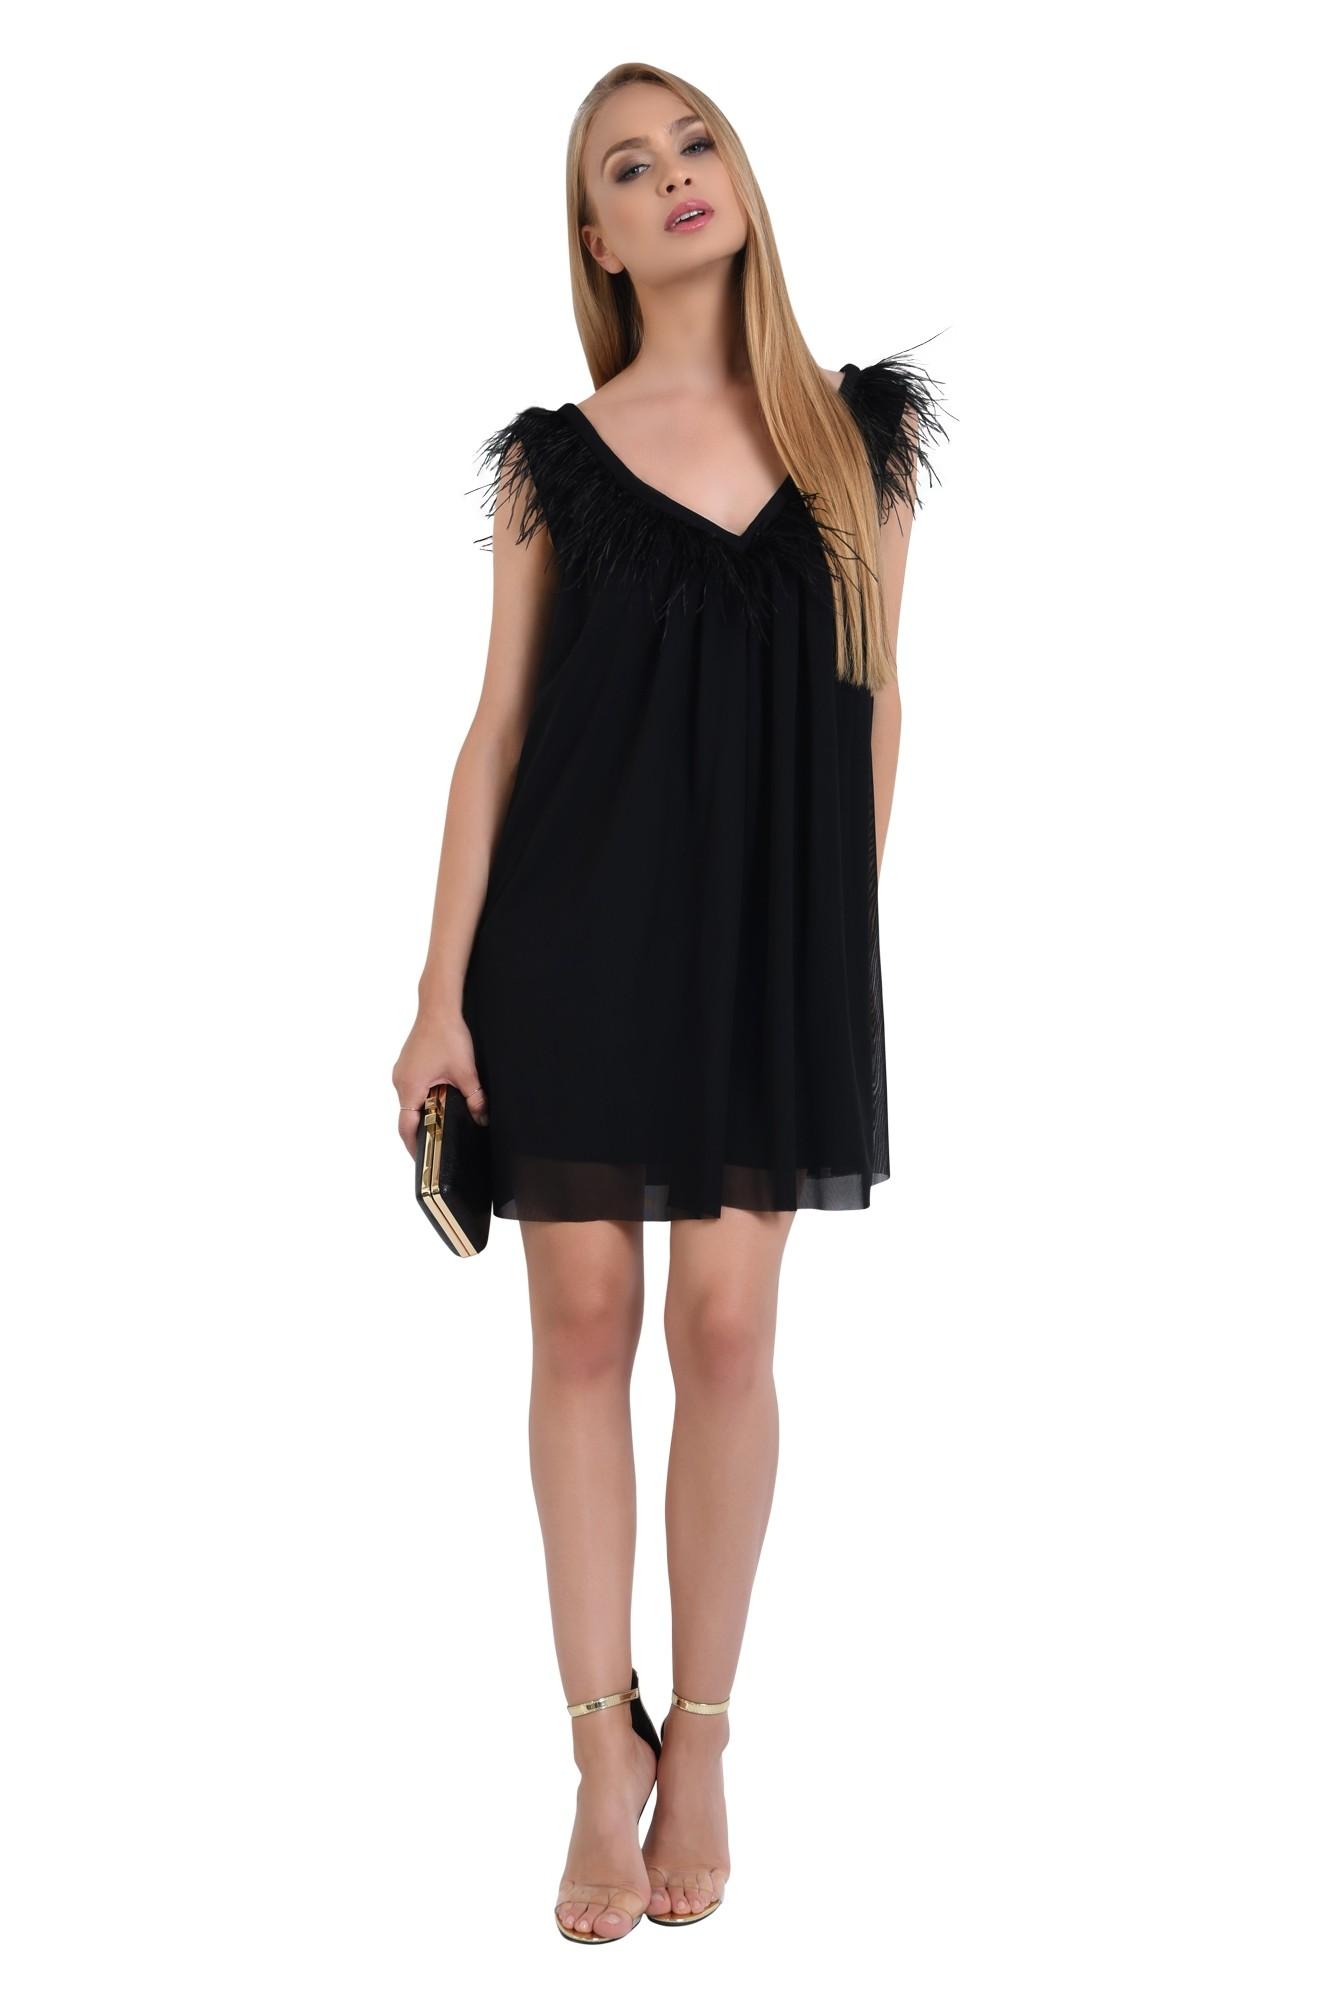 360 - rochie de seara scurta, tul negru, decolteu cu pene